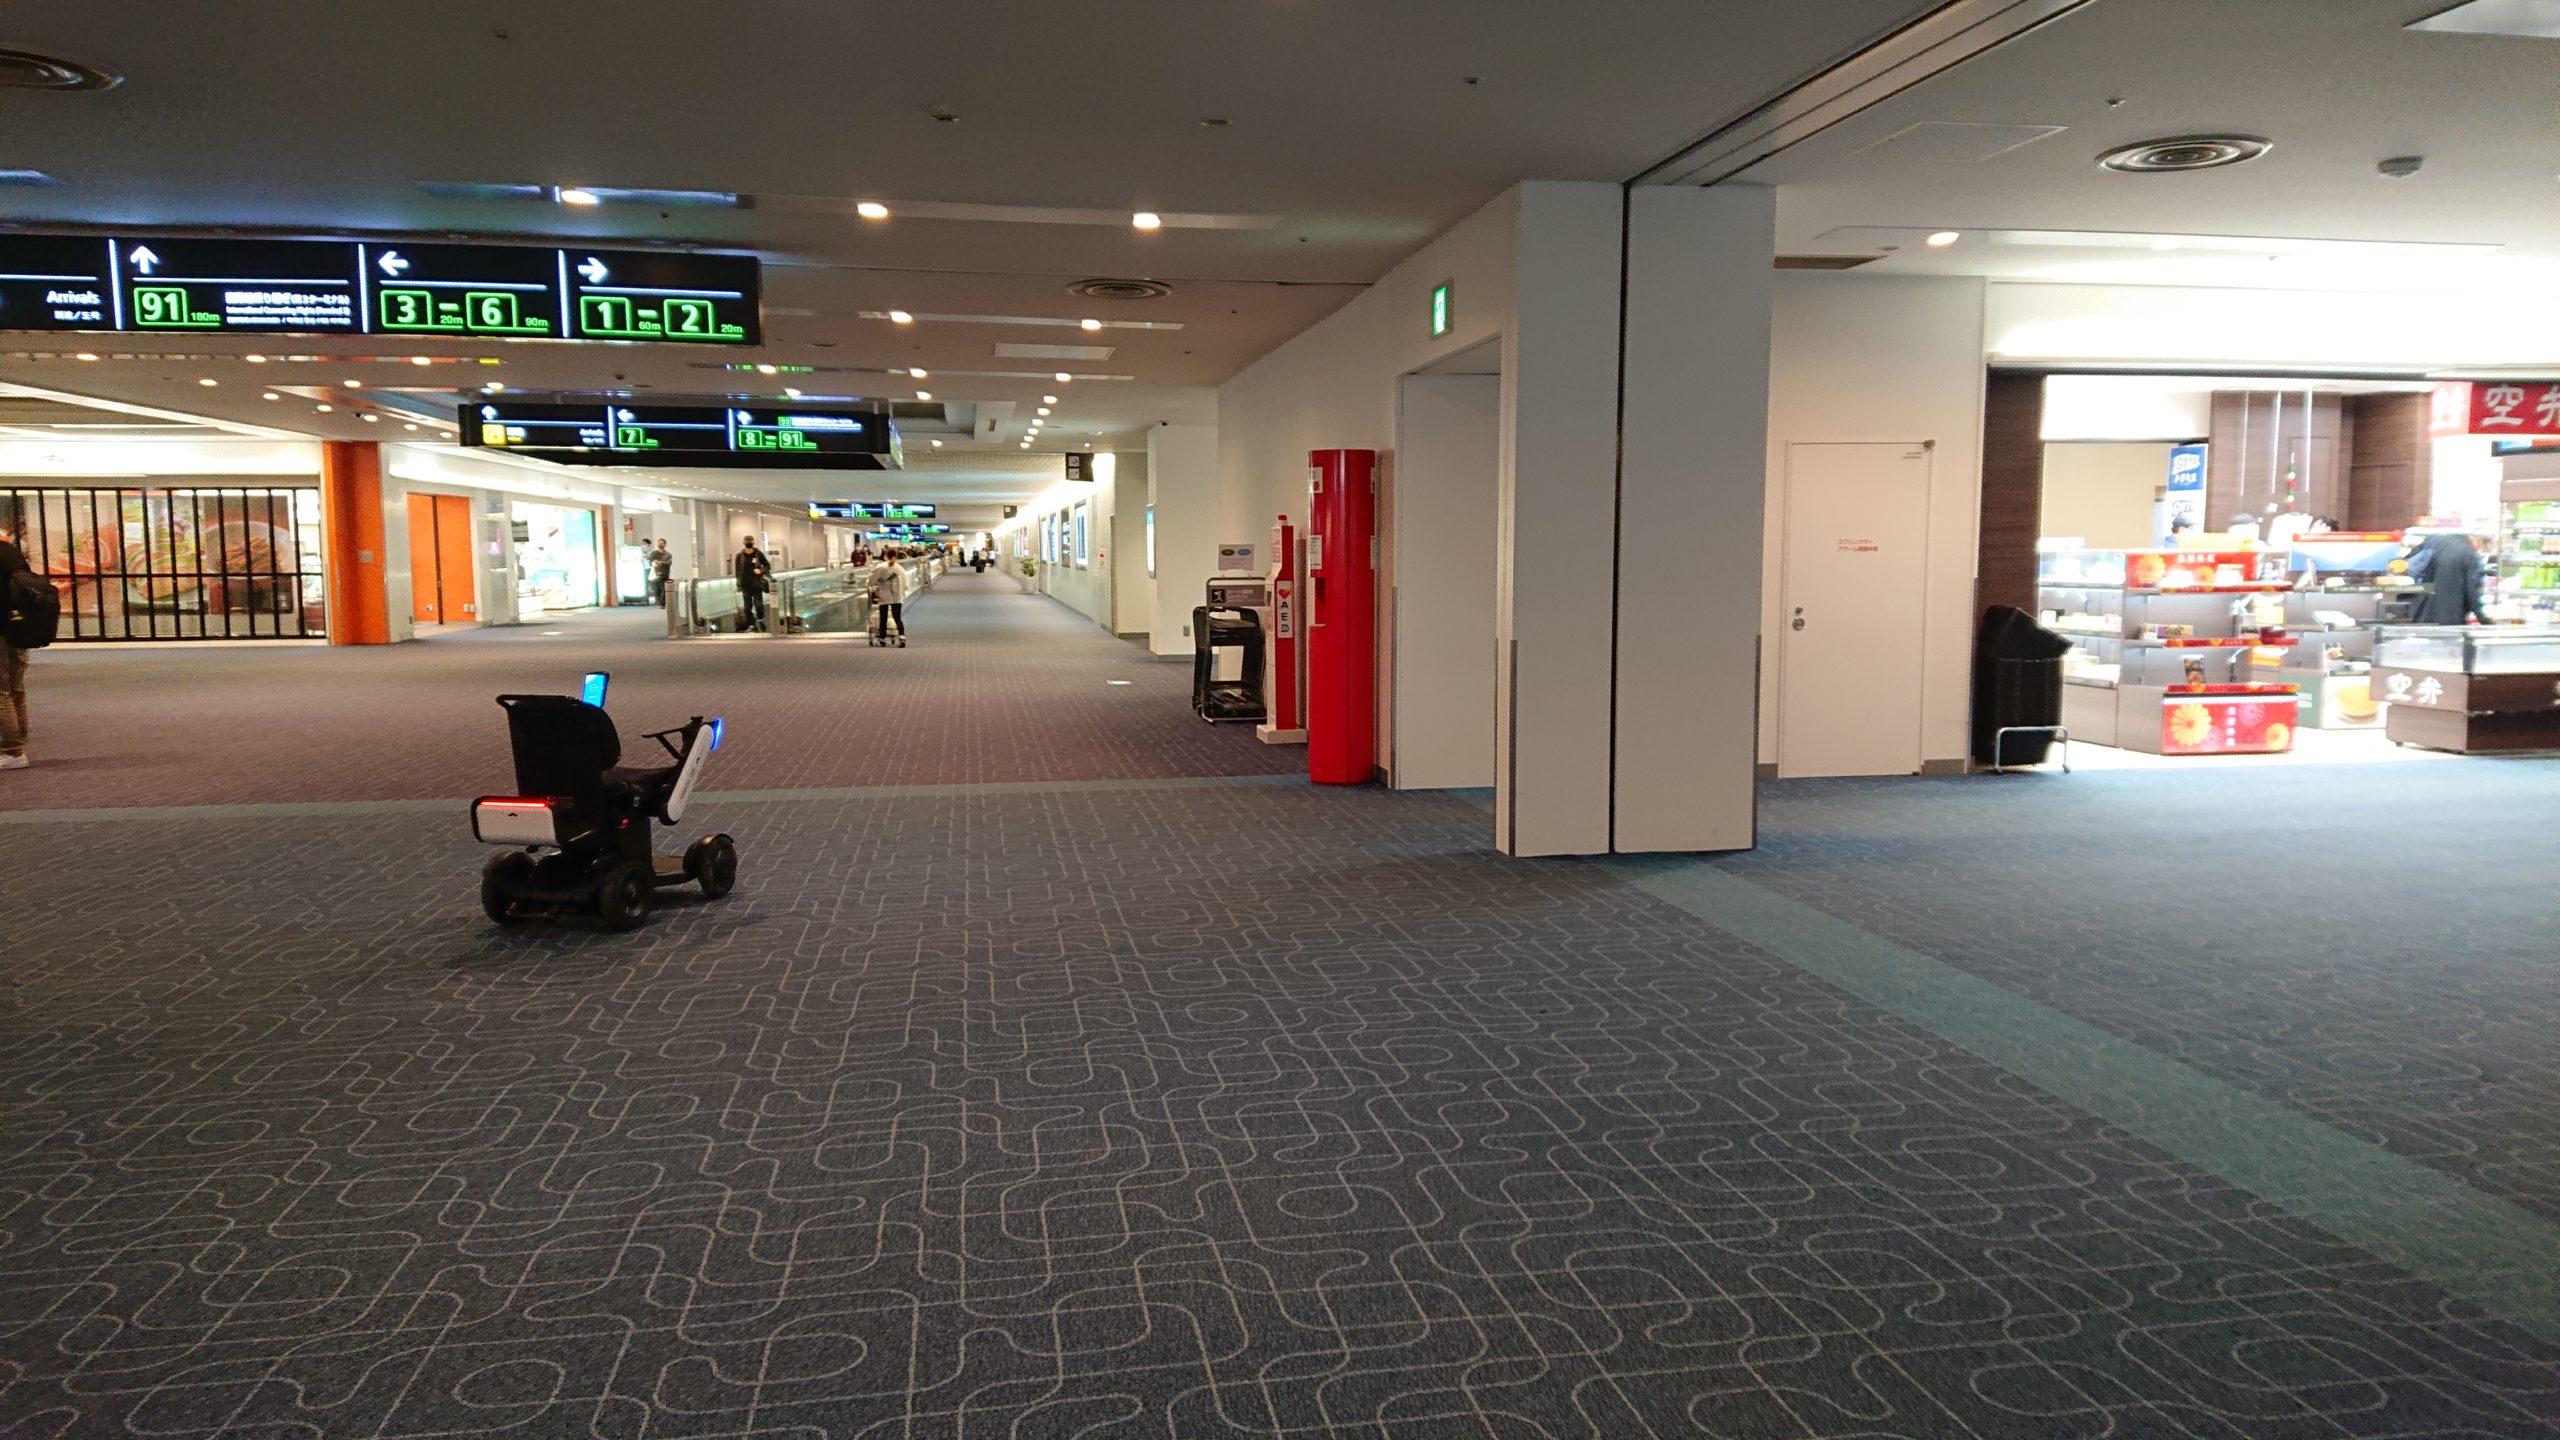 羽田空港第1ターミナル内の自動運転パーソナルモビリティが自動的に返却されるシーン